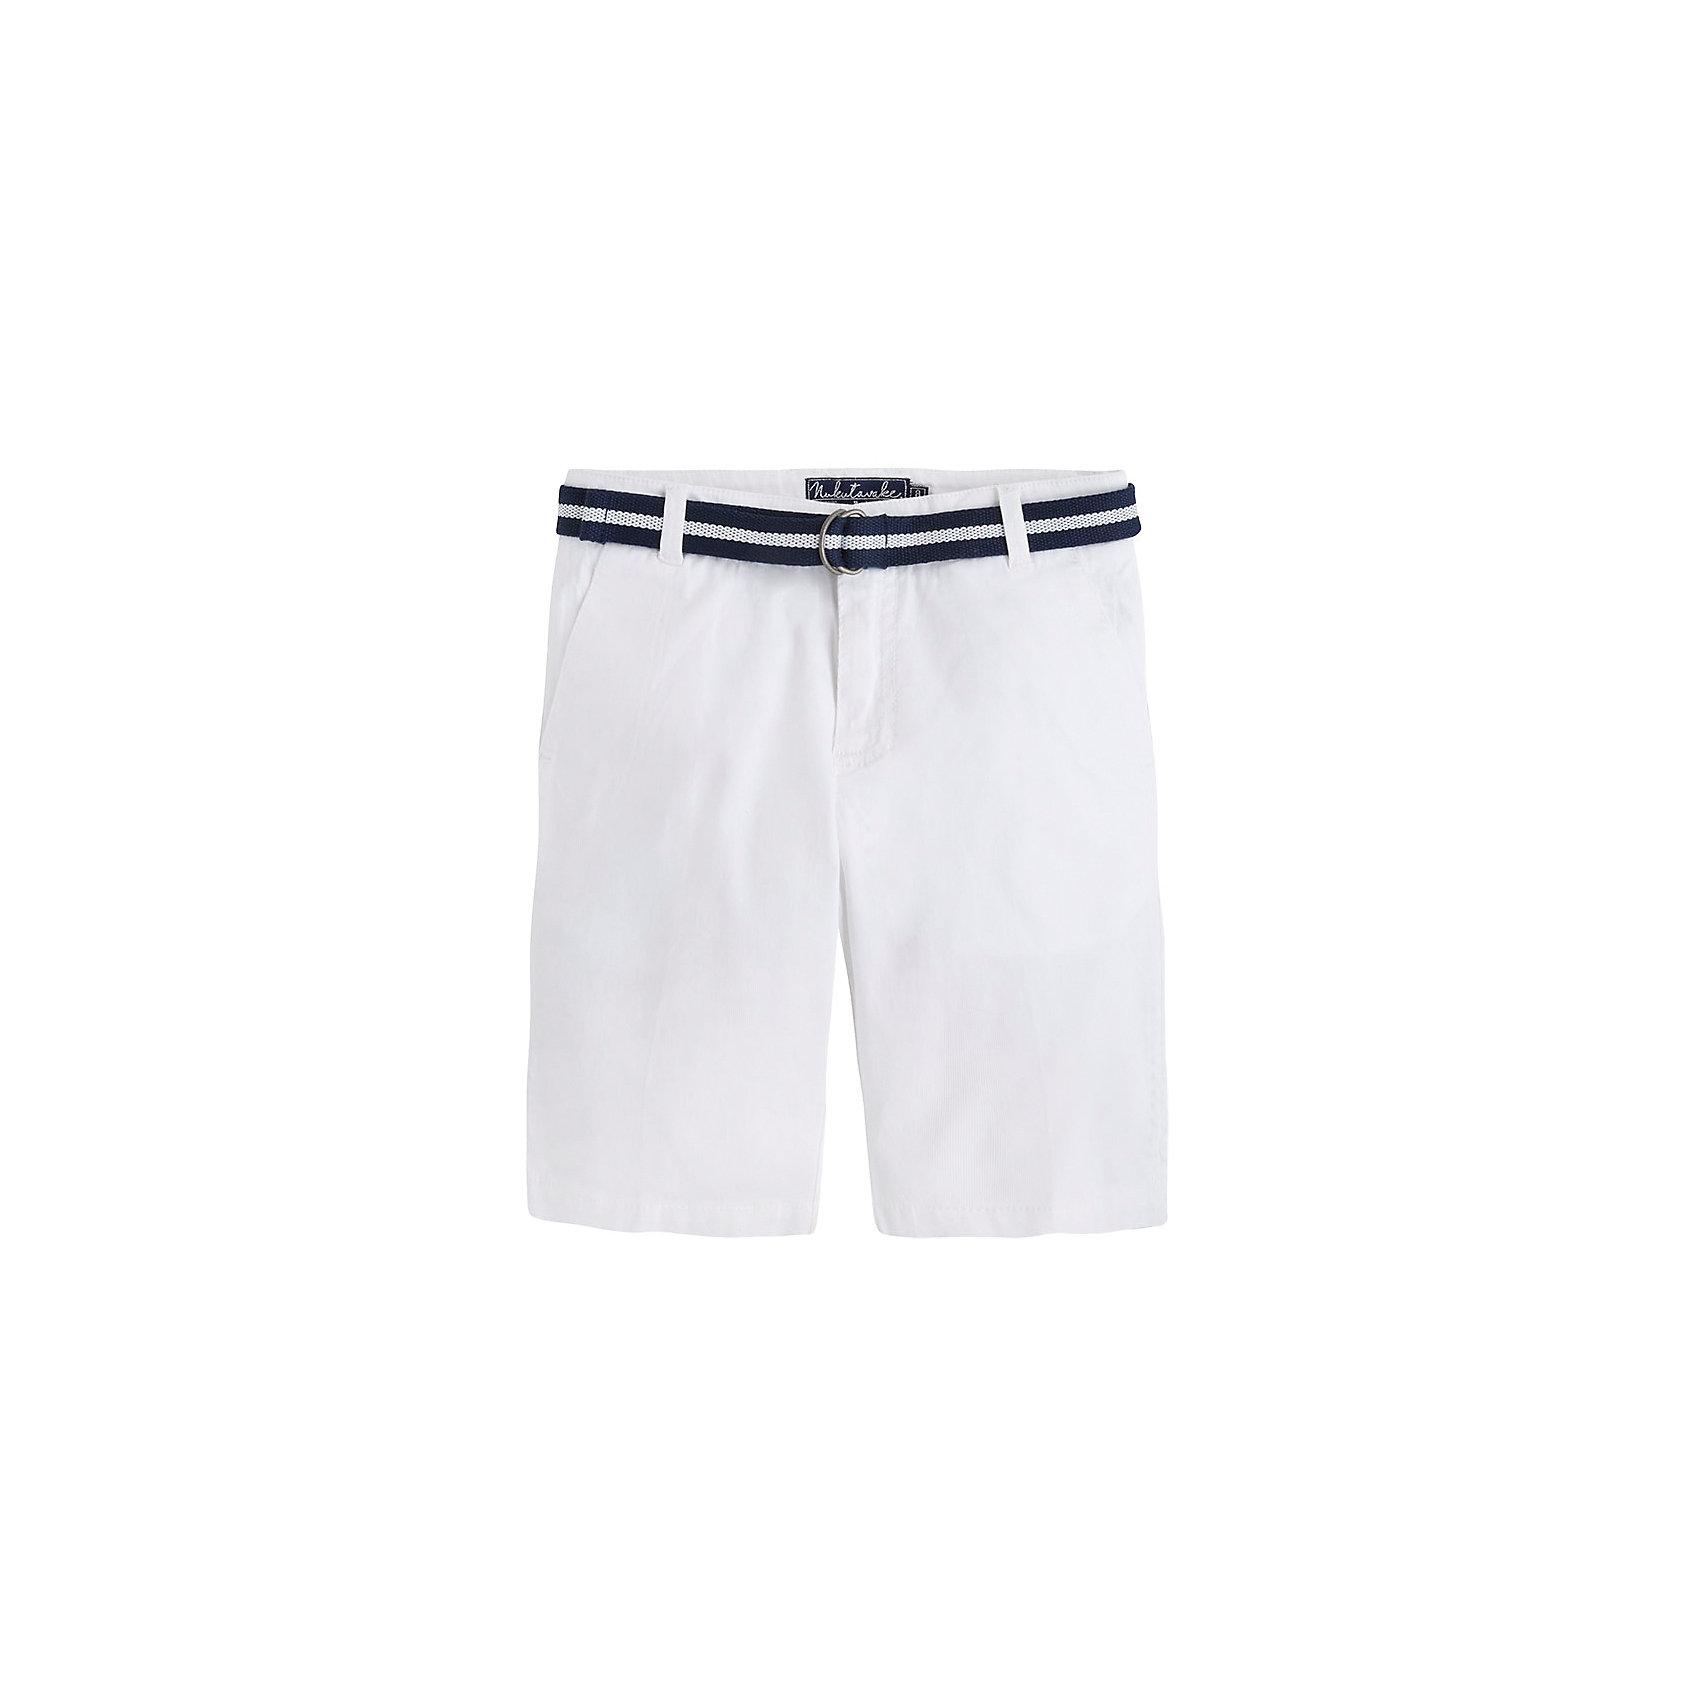 Шорты  для мальчика MayoralШорты, бриджи, капри<br>Шорты  для мальчика от известной испанской марки Mayoral - прекрасный вариант для летнего гардероба юного модника. <br><br>Дополнительная информация:<br><br>- Текстильный пояс в комплекте.<br>- Прямой крой брючин.<br>- Тип застежки: молния, кнопка. <br>- 4 кармана (2 задних, 2 боковых).<br>- Задние карманы декорированы контрастными вставками. <br>- Стильные отвороты.<br>- Регулировка на талии с помощью внутренней резинки.  <br>- Состав: 98% хлопок, 2% эластан.<br><br>Шорты  для мальчика Mayoral (Майорал) можно купить в нашем магазине.<br><br>Ширина мм: 191<br>Глубина мм: 10<br>Высота мм: 175<br>Вес г: 273<br>Цвет: белый<br>Возраст от месяцев: 132<br>Возраст до месяцев: 144<br>Пол: Мужской<br>Возраст: Детский<br>Размер: 152,158,164,140,128<br>SKU: 4538360